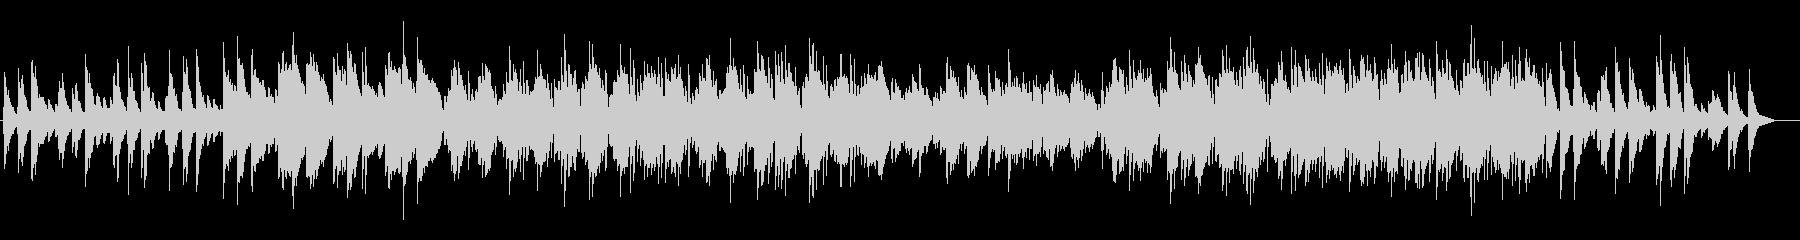 穏やかなピアノサウンドの未再生の波形